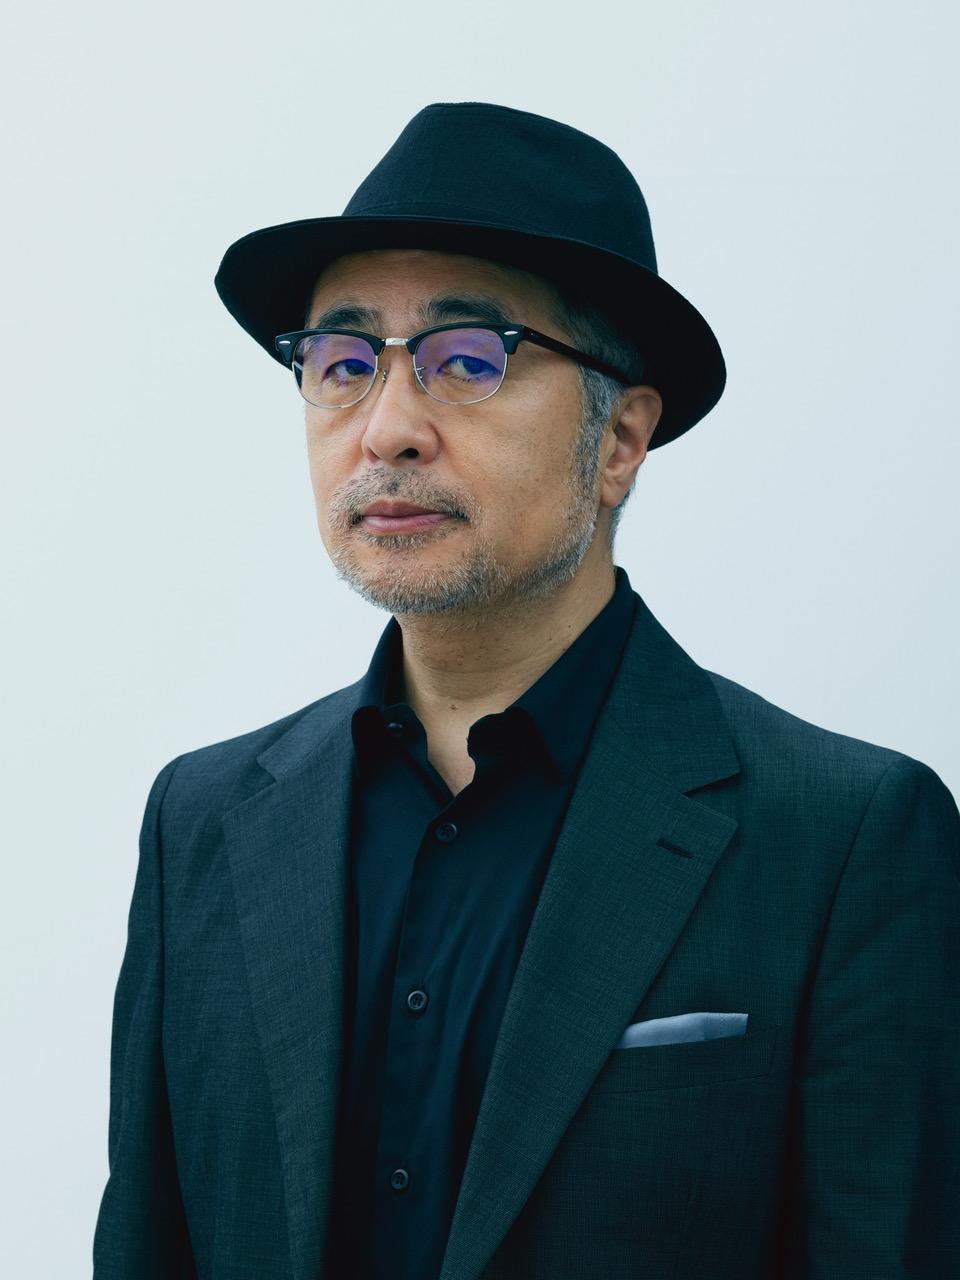 『人生の謎について』刊行記念 松尾スズキさんオンラインサイン会